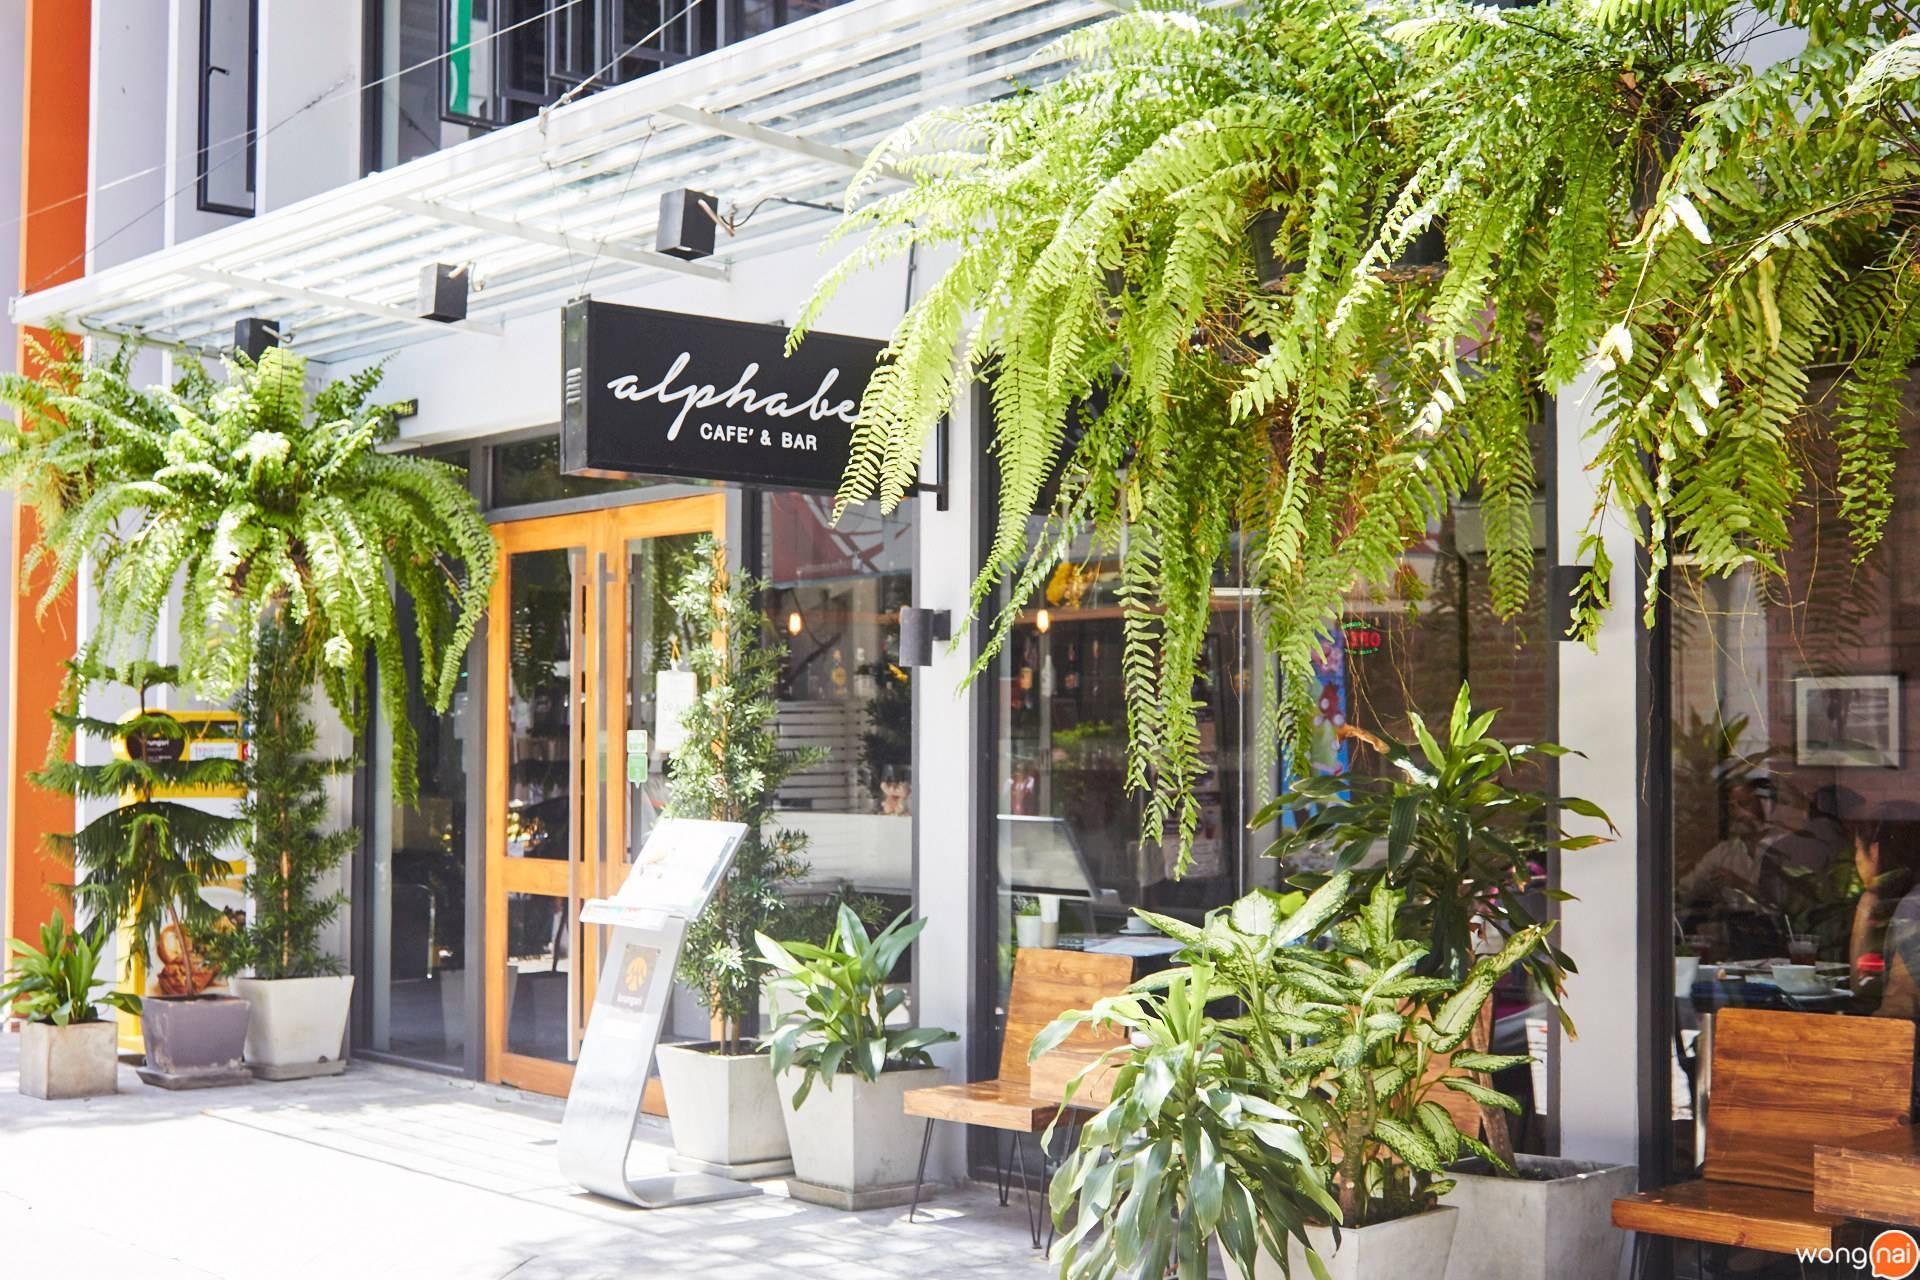 Alphabet Cafe & Bar